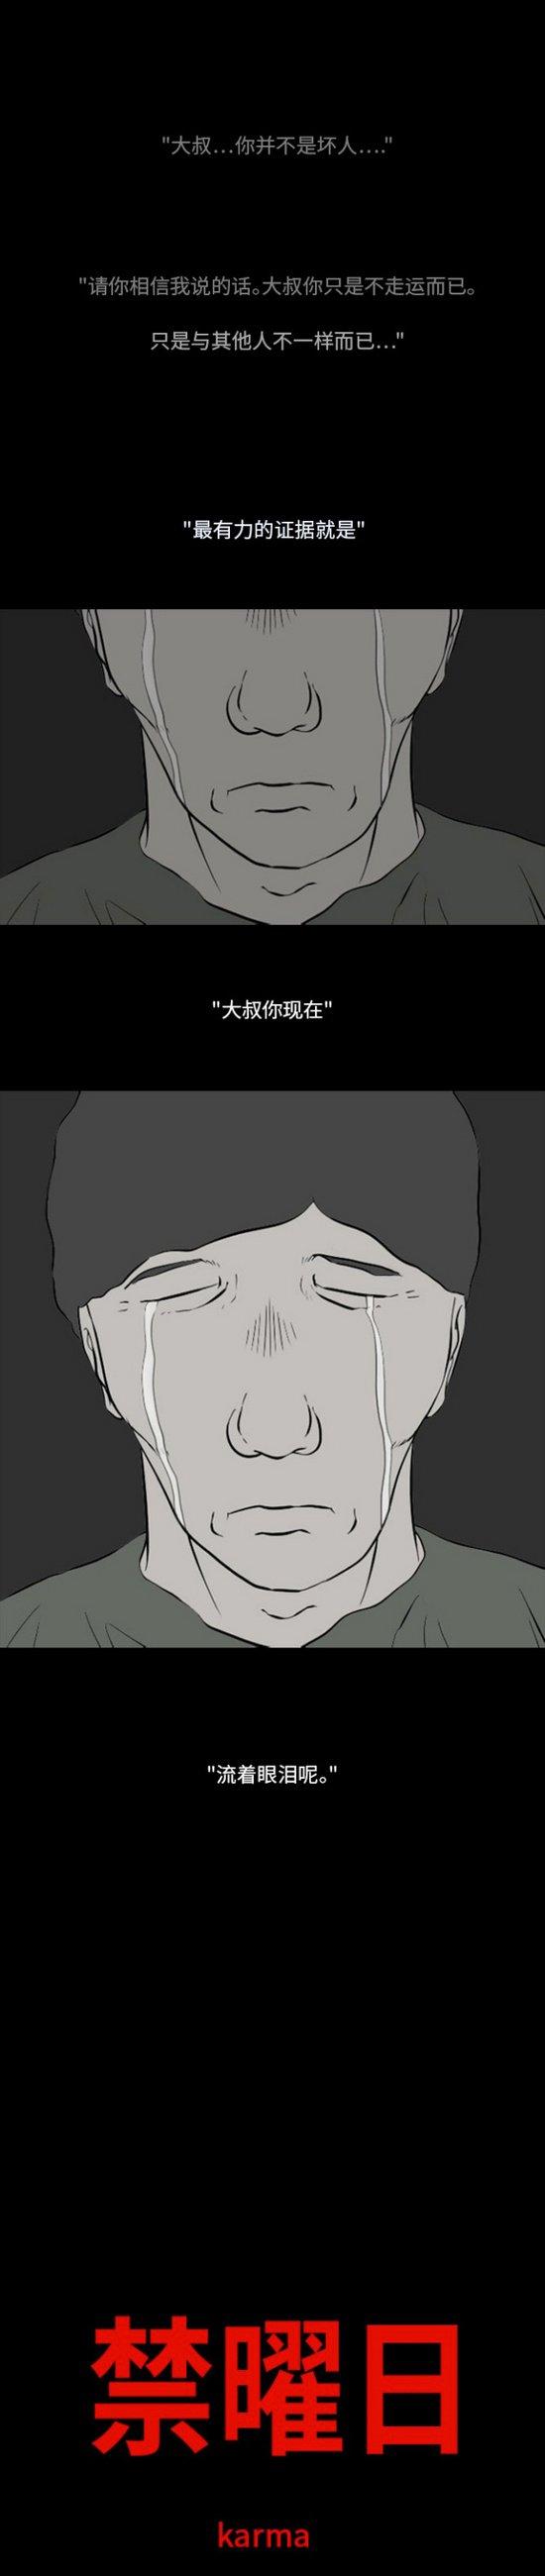 僵尸王漫画:惊悚漫画《karma》你并不是坏人…